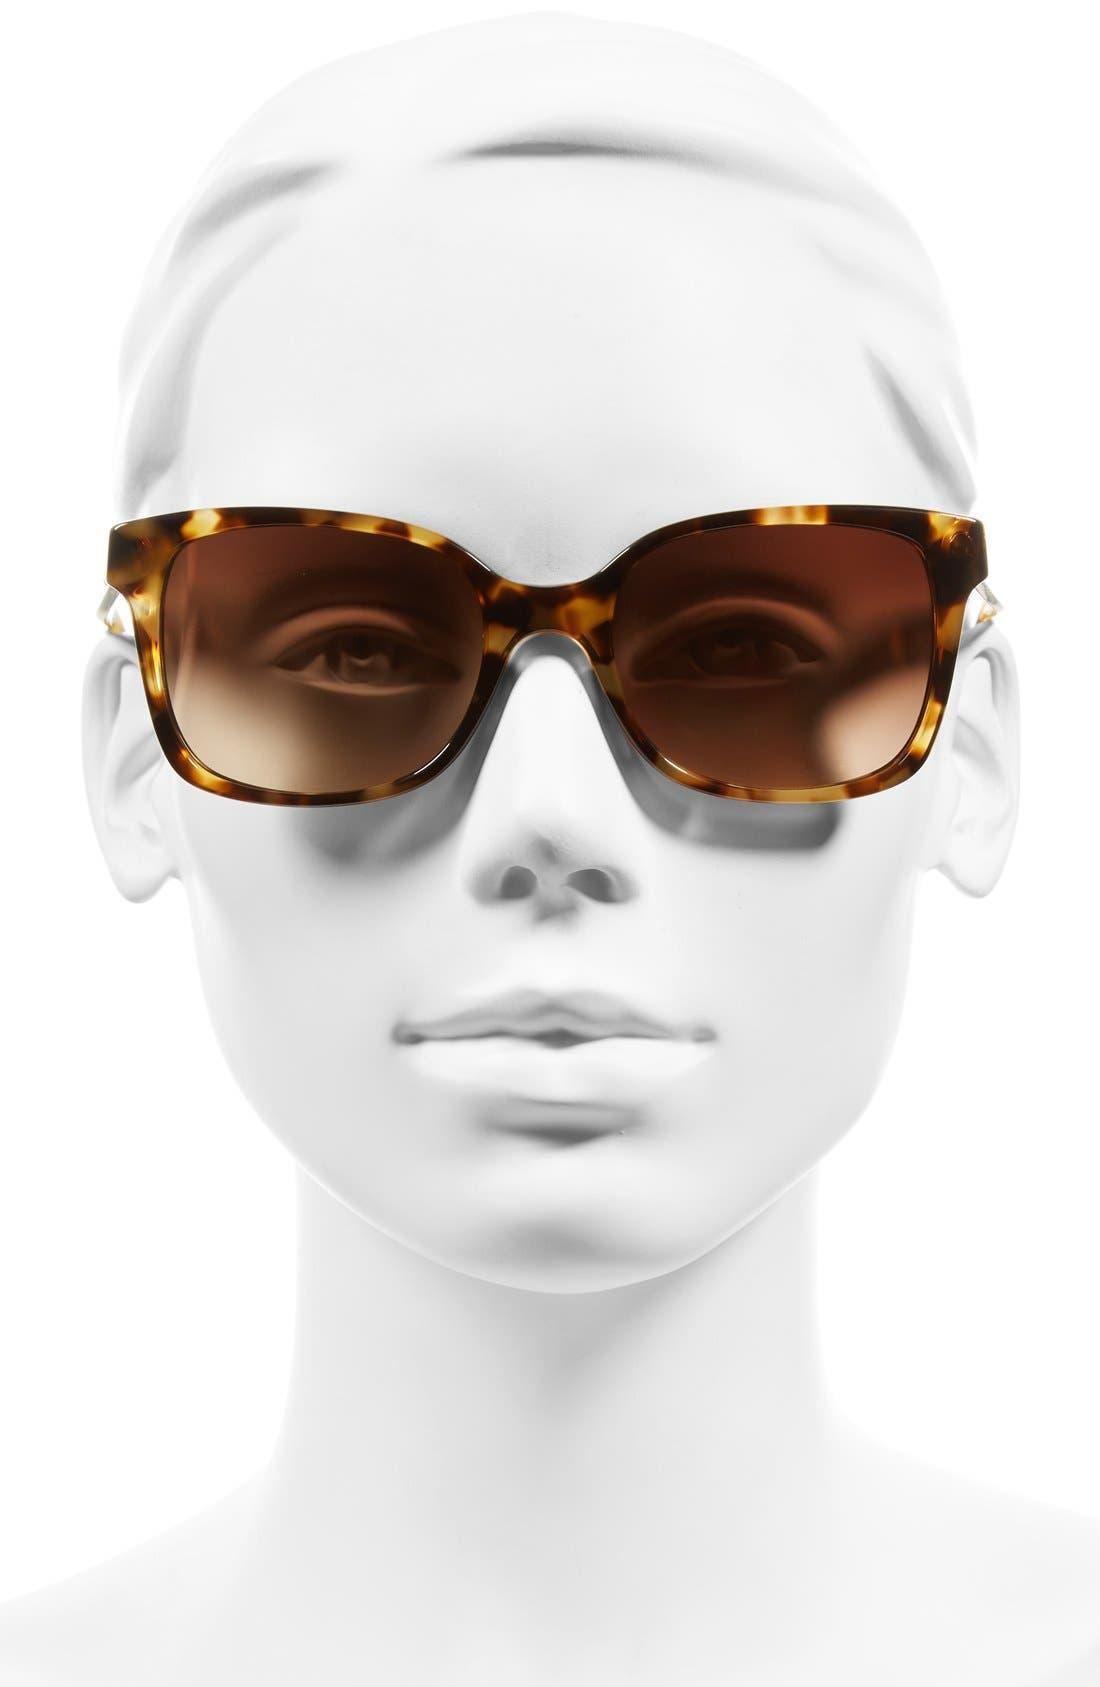 54mm Sunglasses,                             Alternate thumbnail 3, color,                             LIGHT TORTOISE